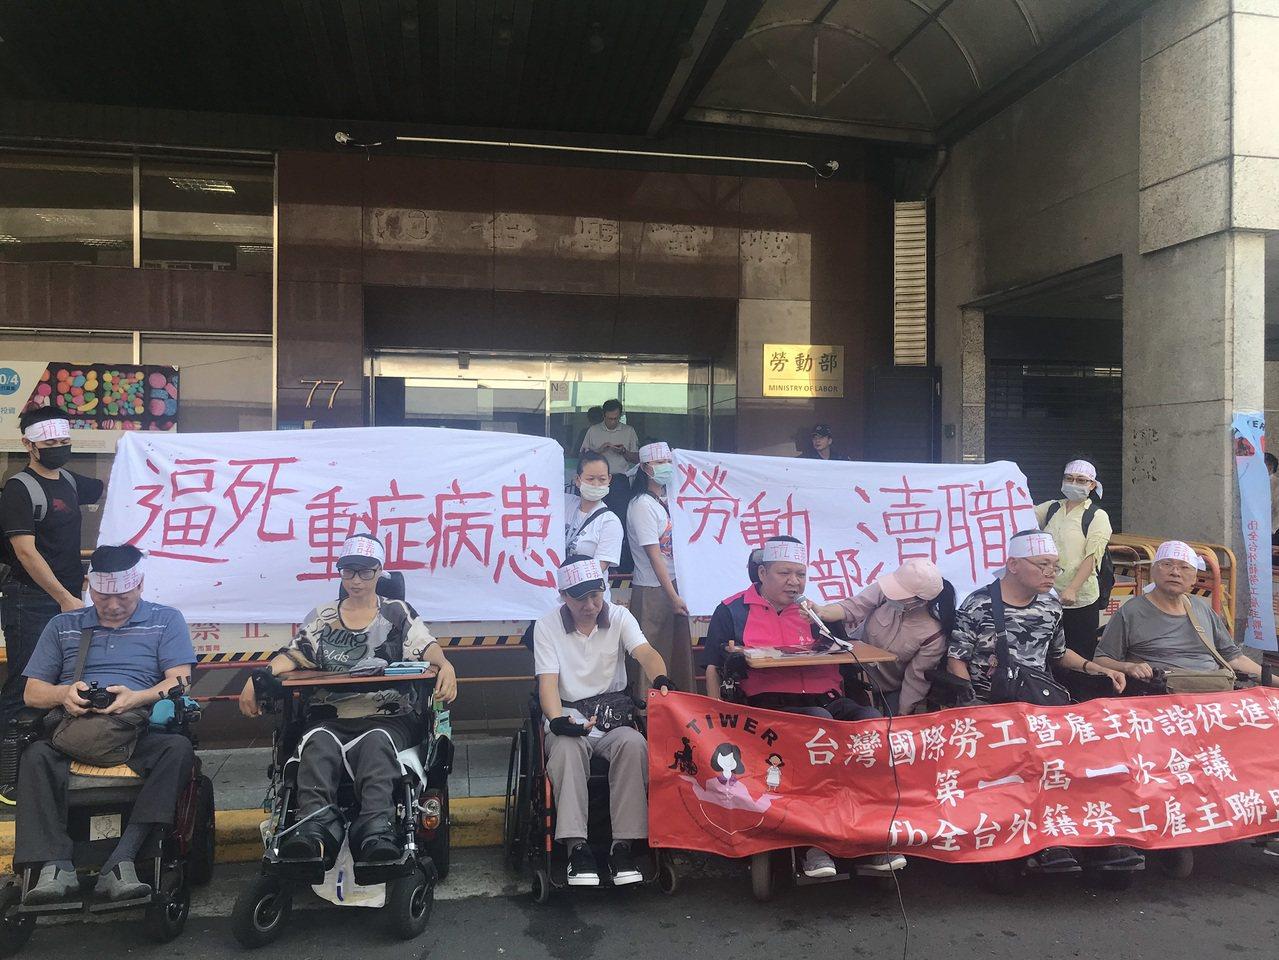 台灣國際勞工暨雇主和諧促進會今到勞動部抗議,要求政府正視被照顧者權益,解決外籍移...